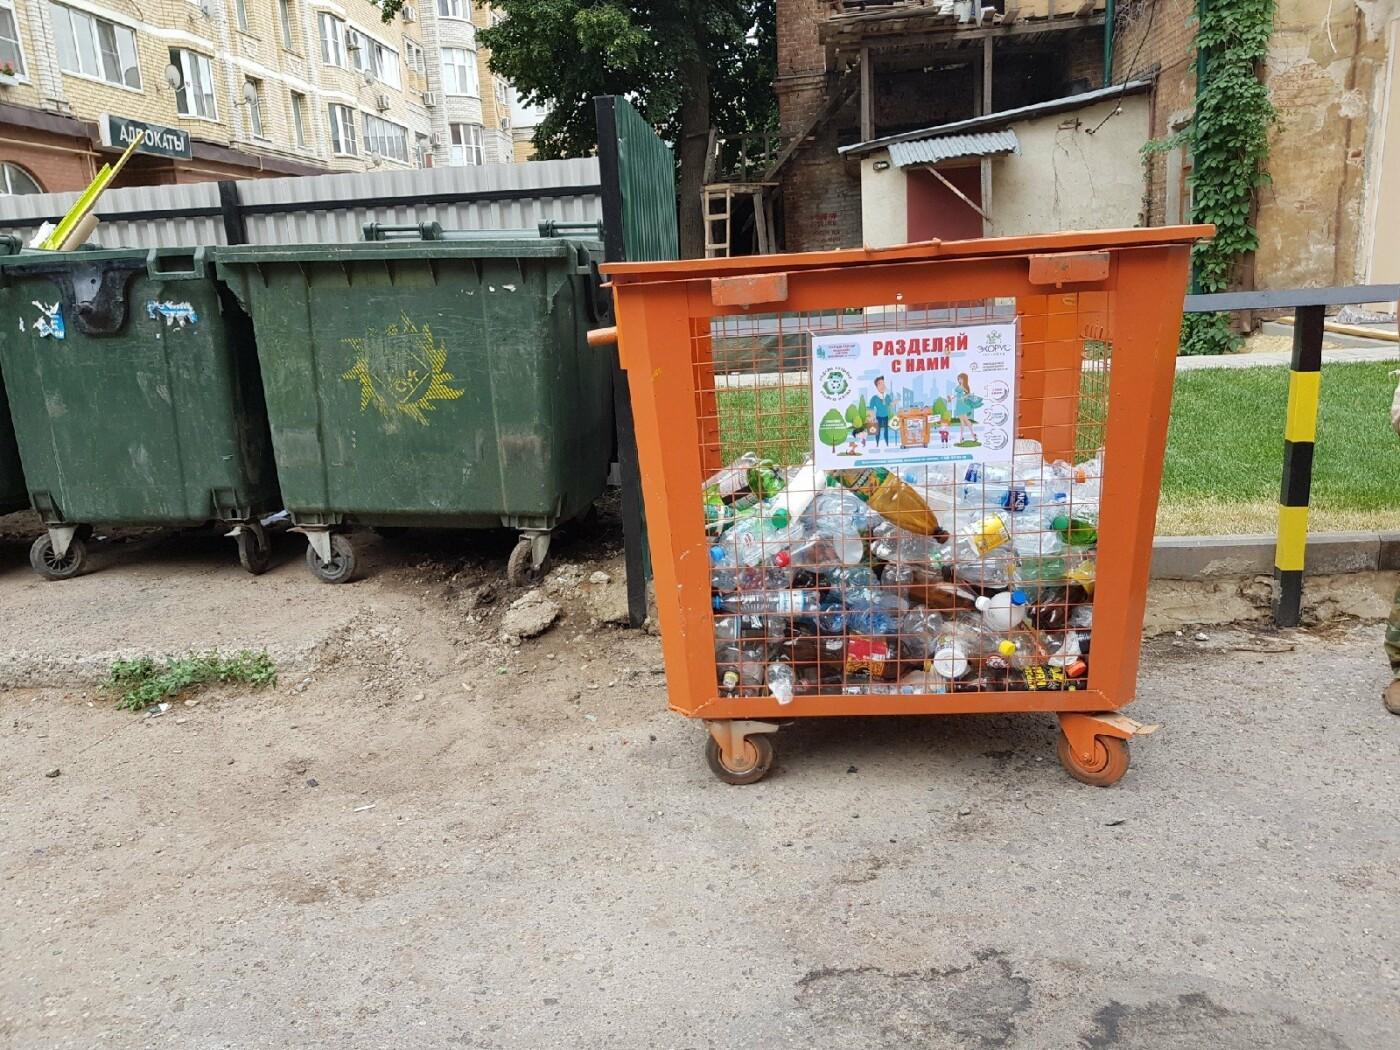 В Тамбове запустили проект по раздельному сбору мусора, фото-2